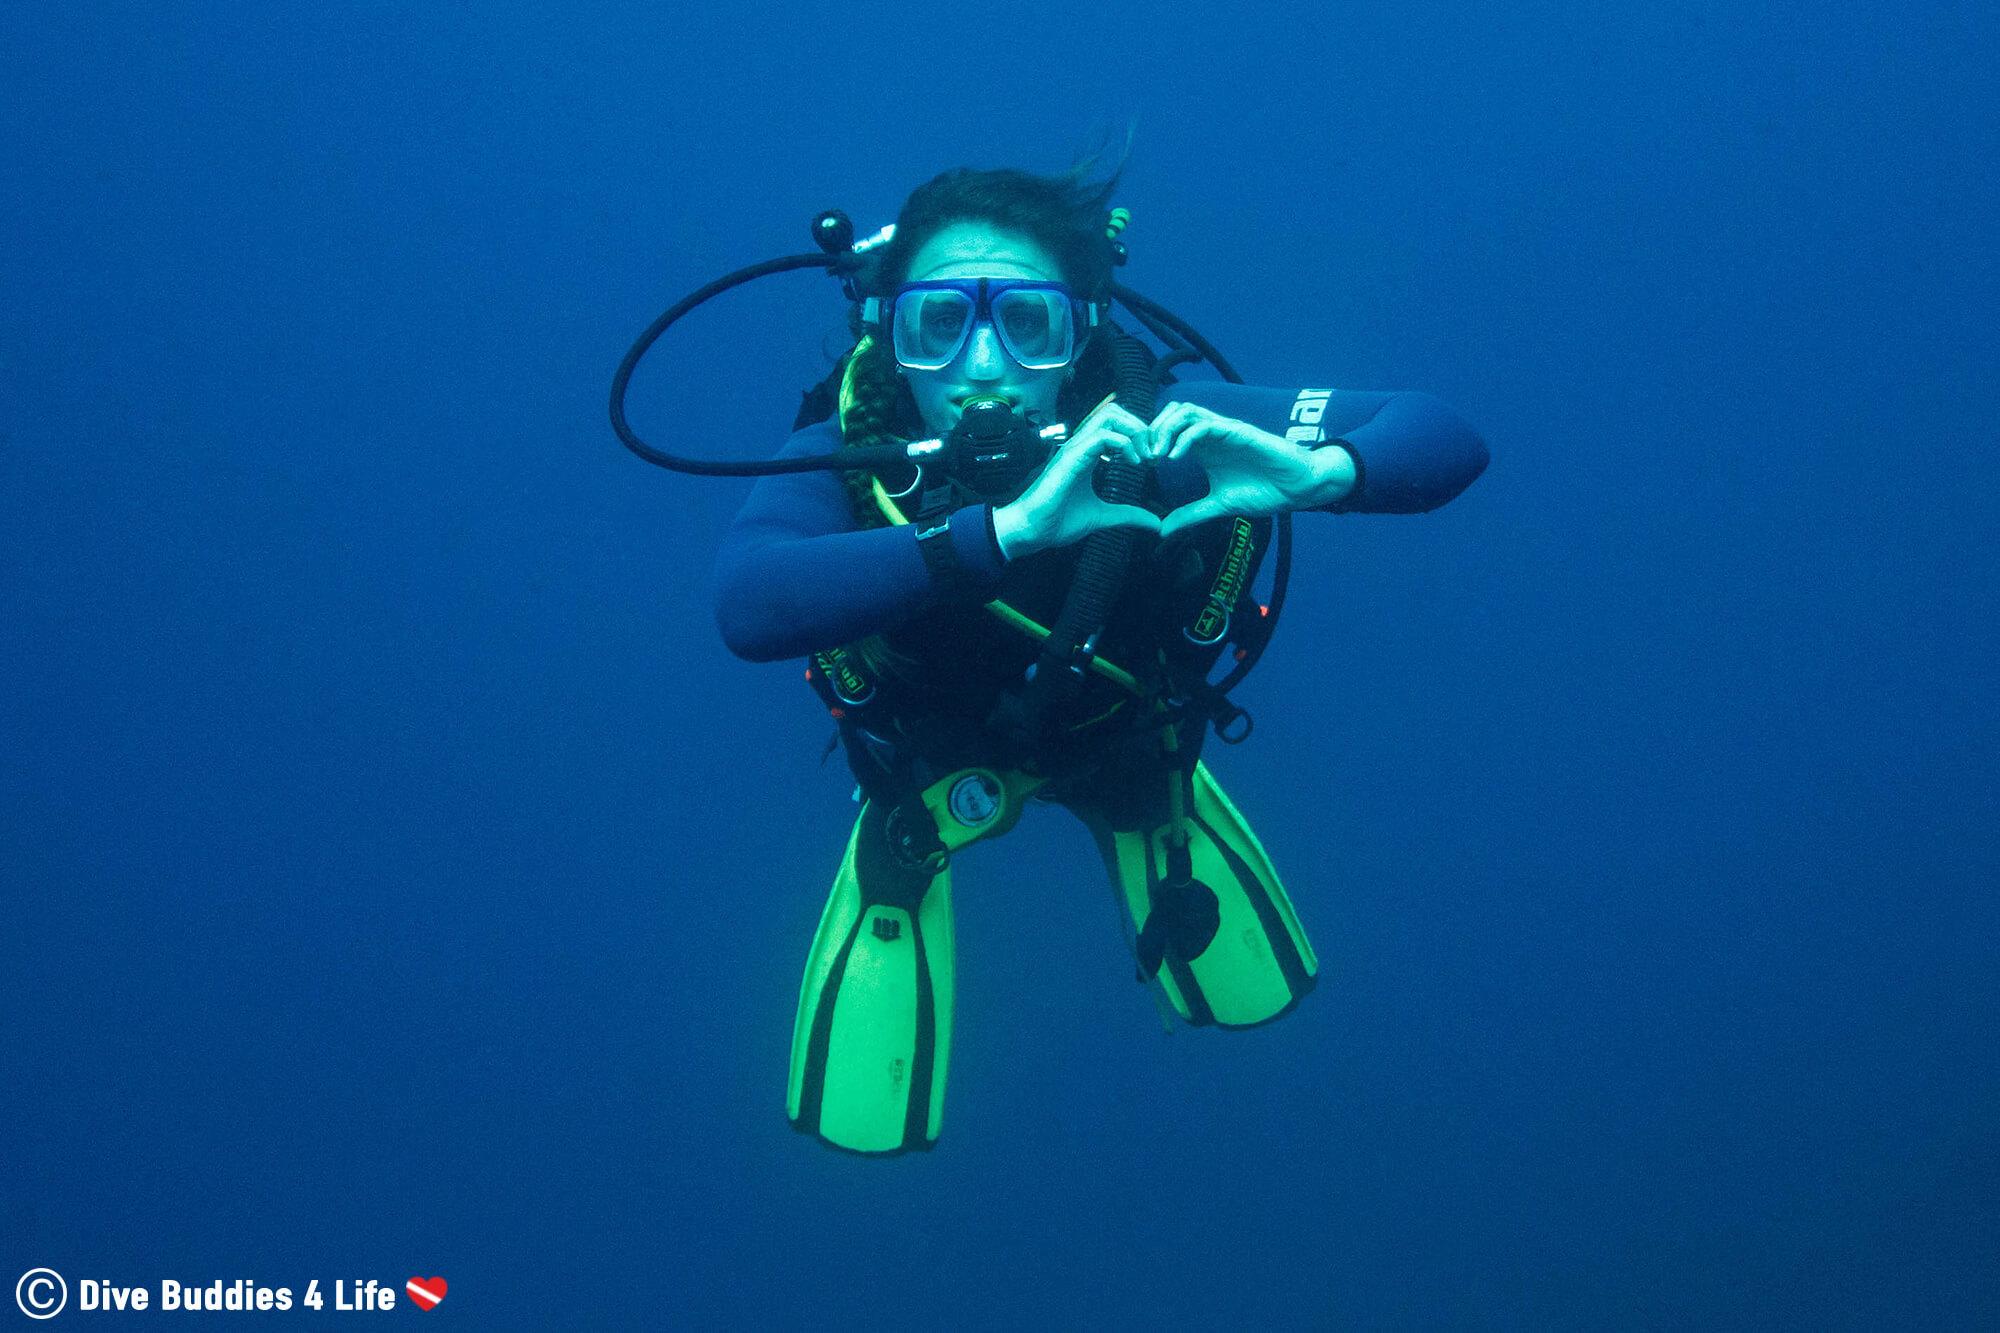 Ali Being a Scuba Diving Mediterranean Mermaid